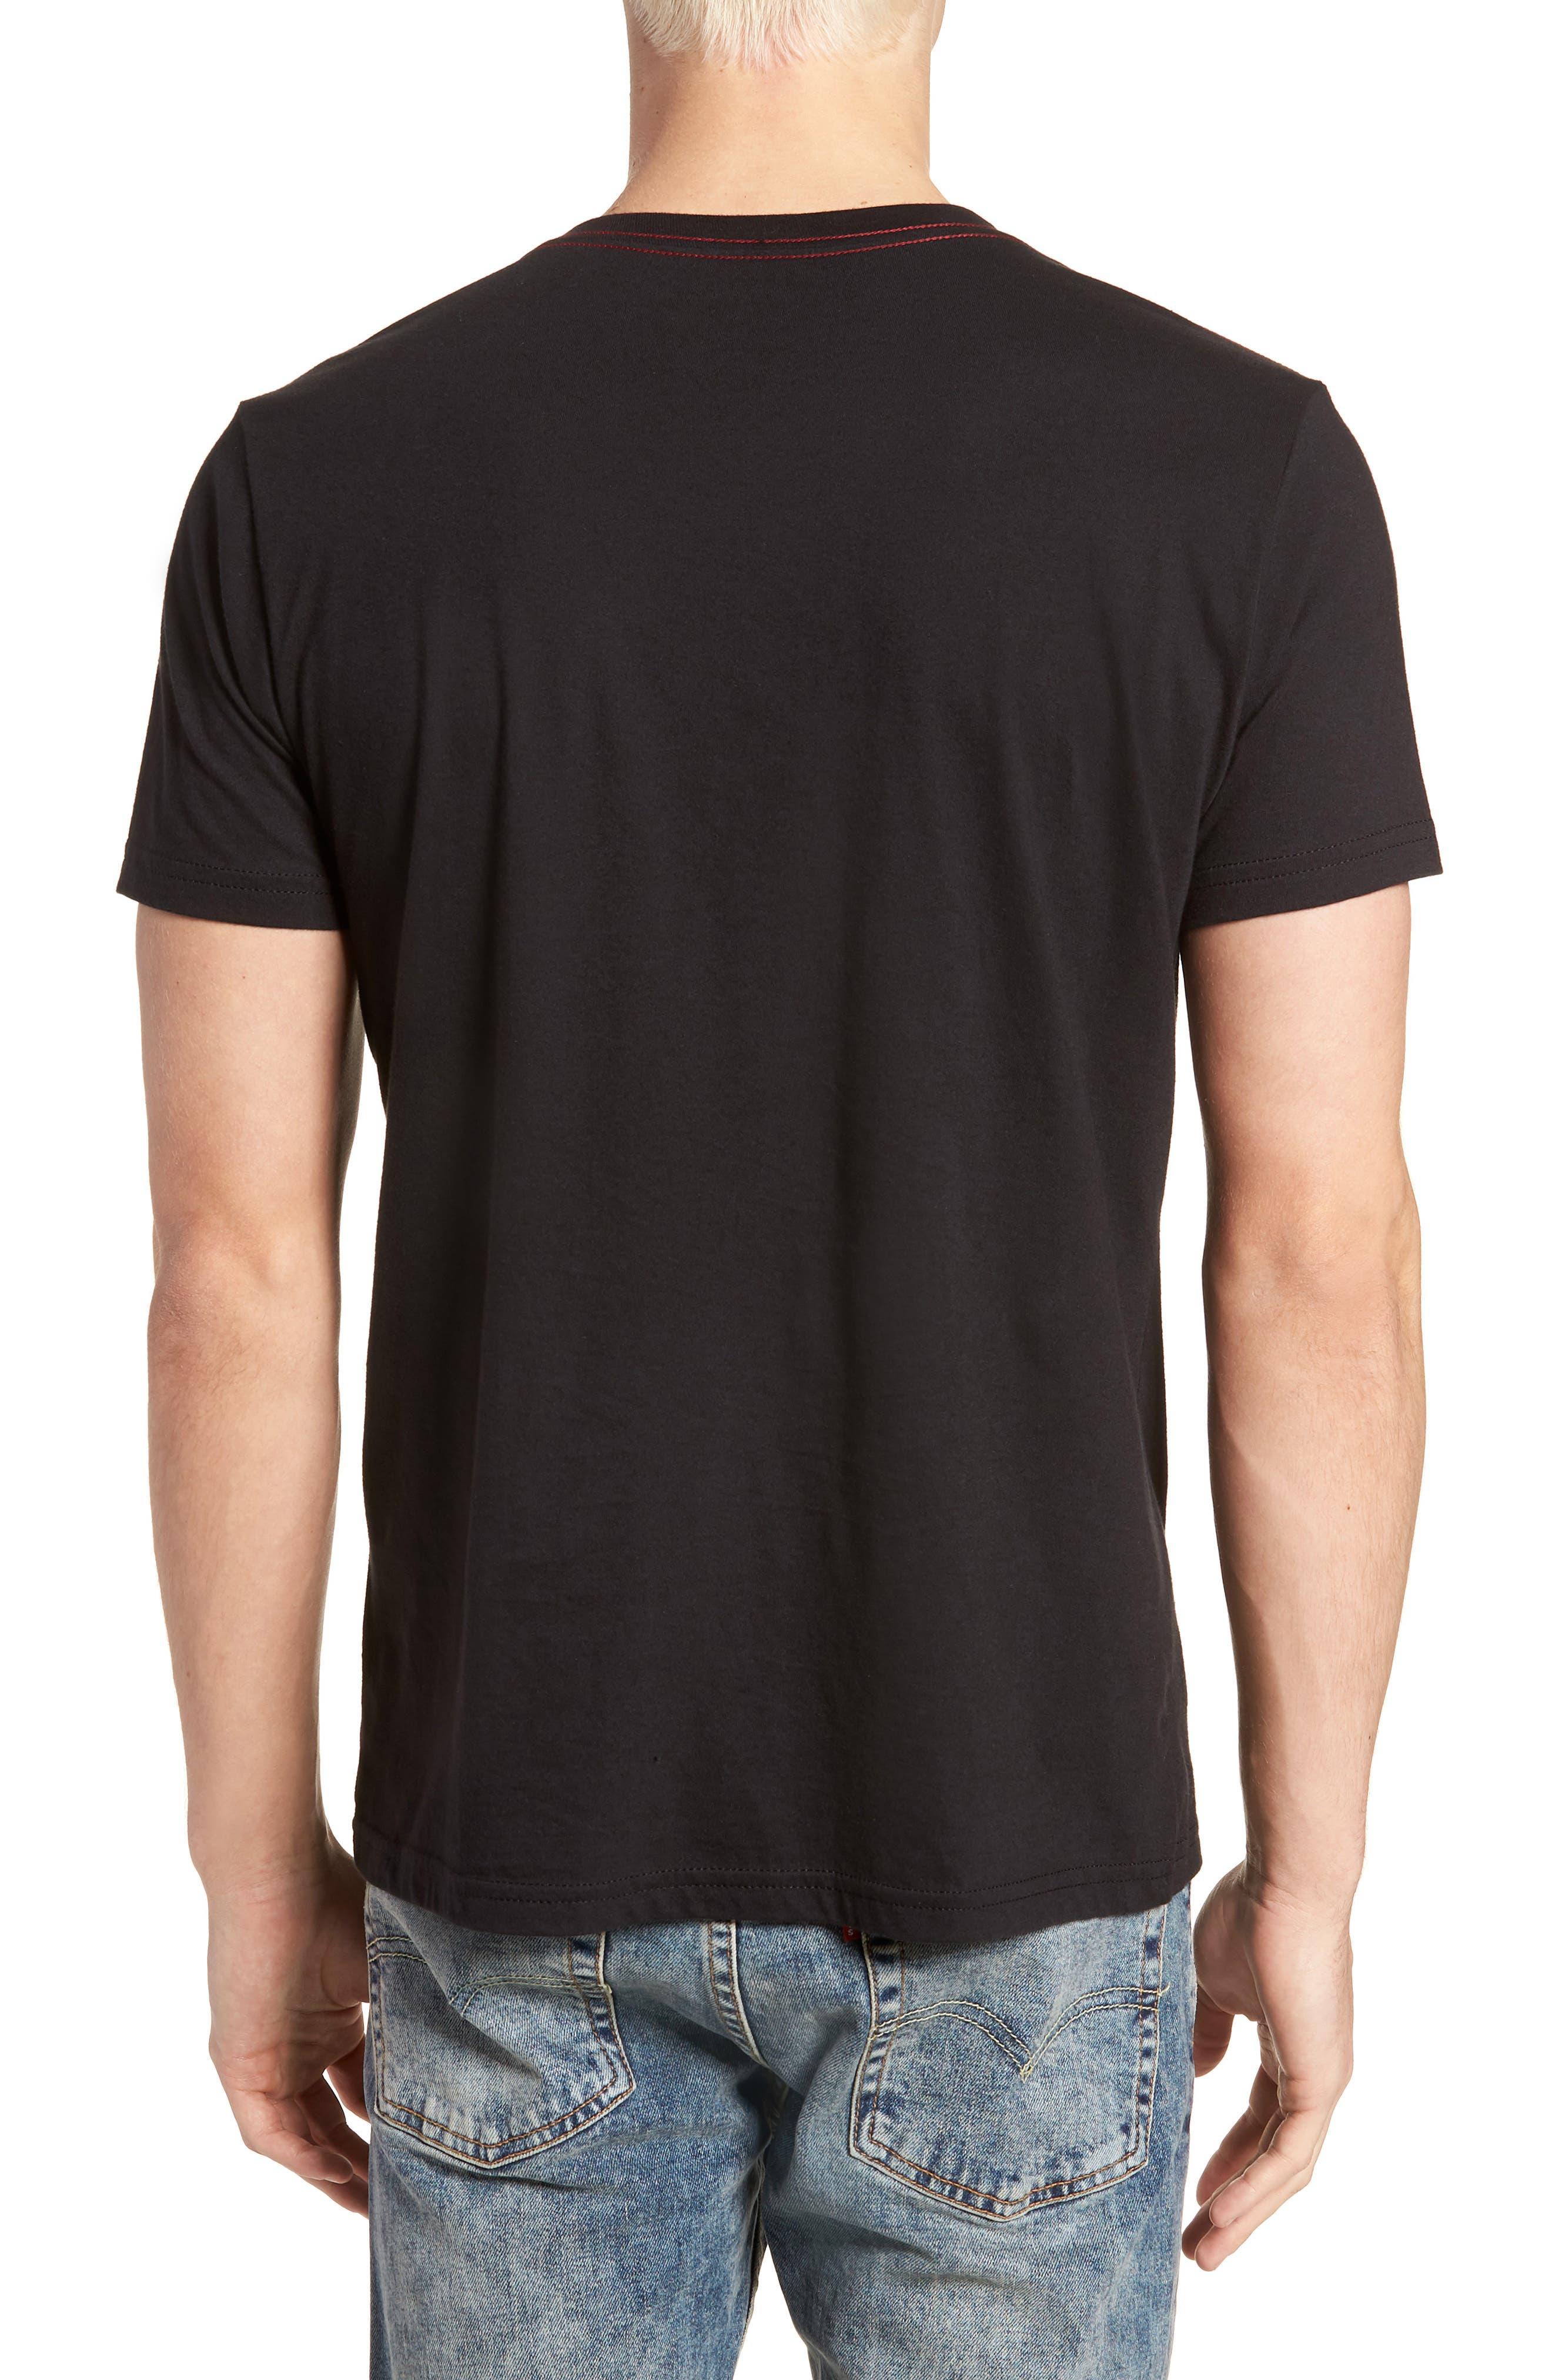 Horizon Motors T-Shirt,                             Alternate thumbnail 2, color,                             001